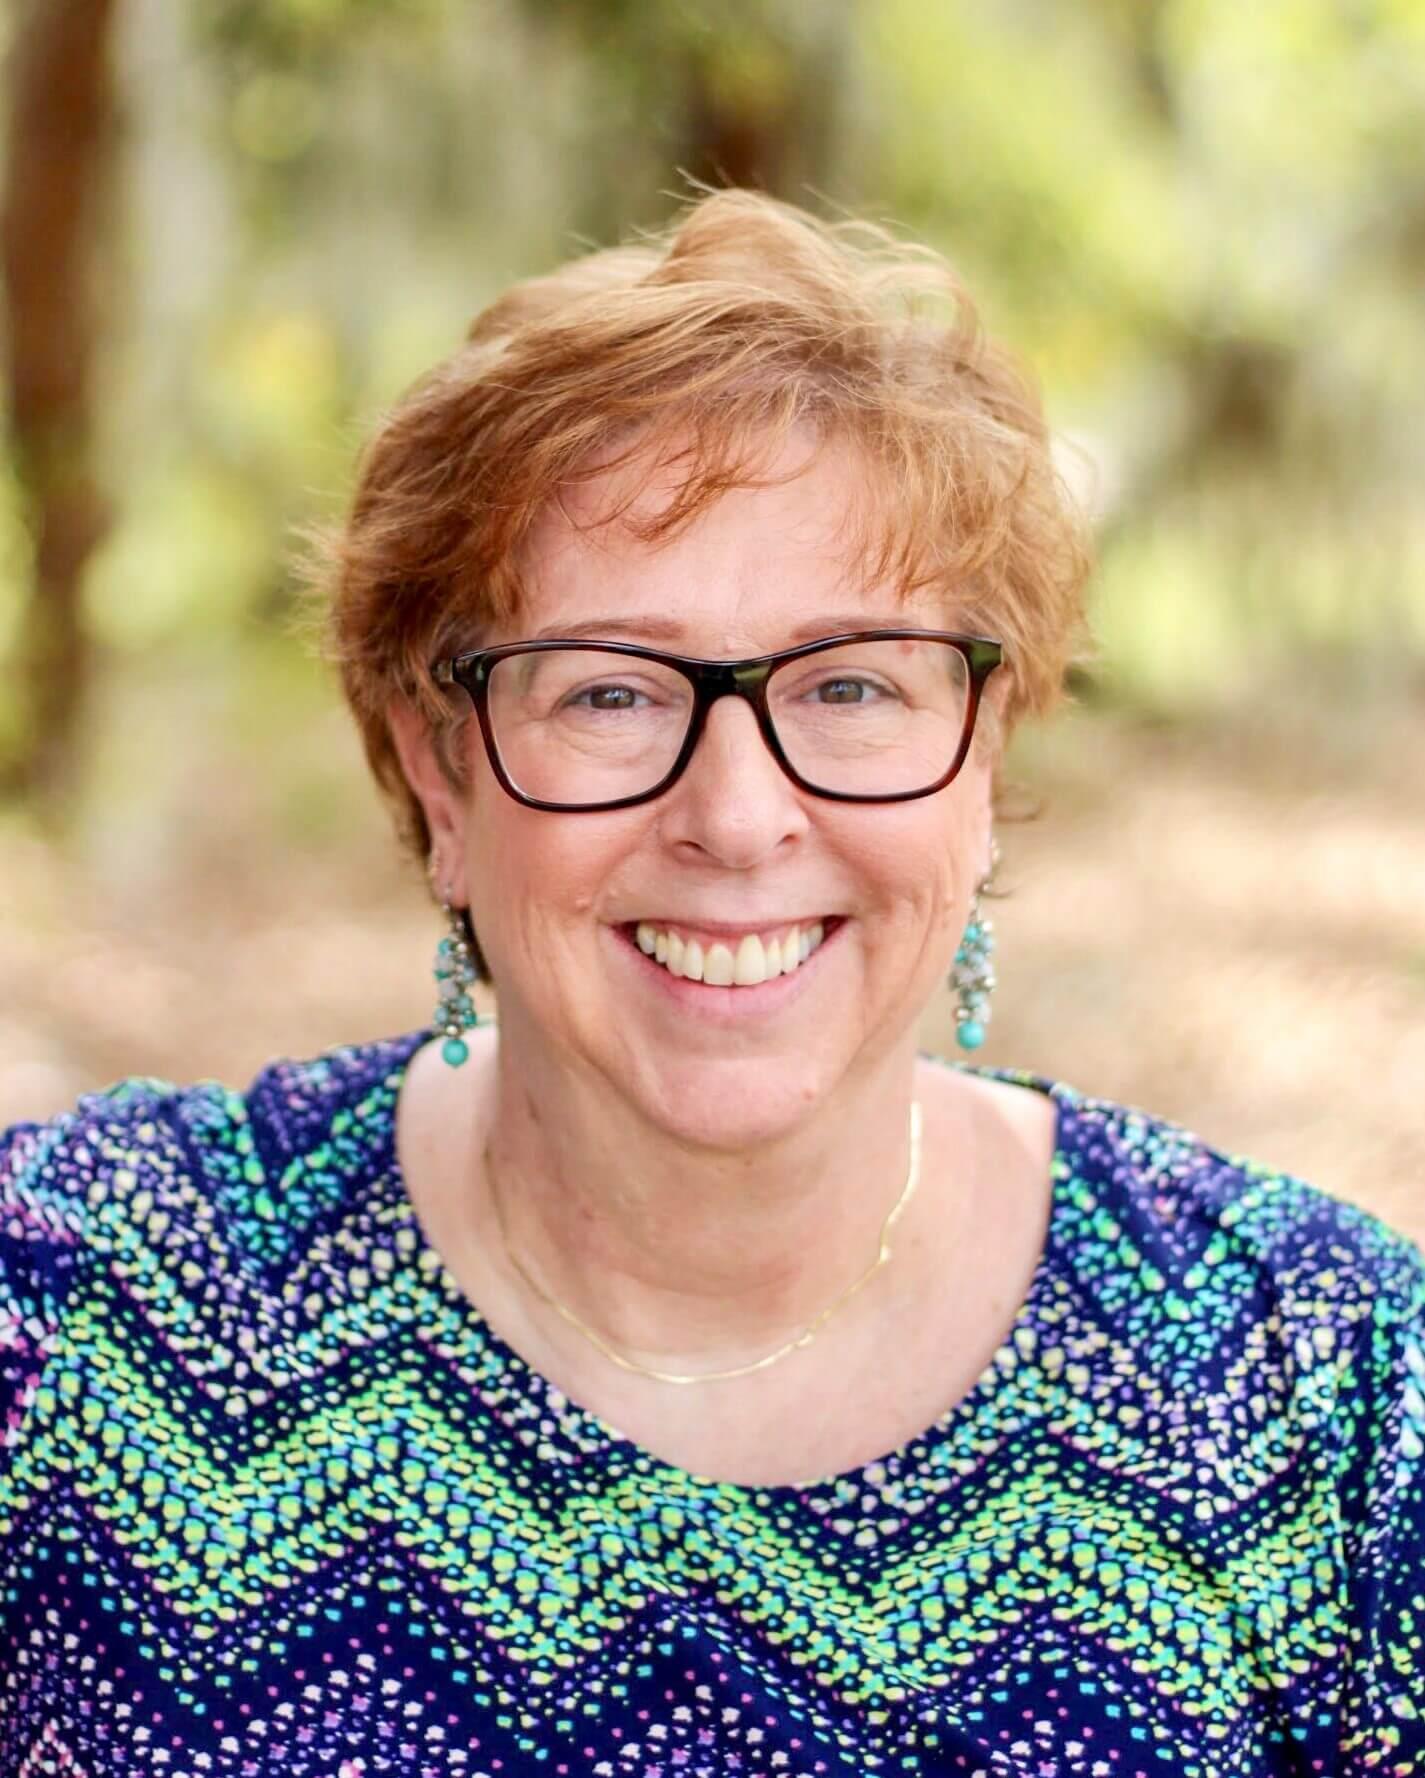 Linda Hihn